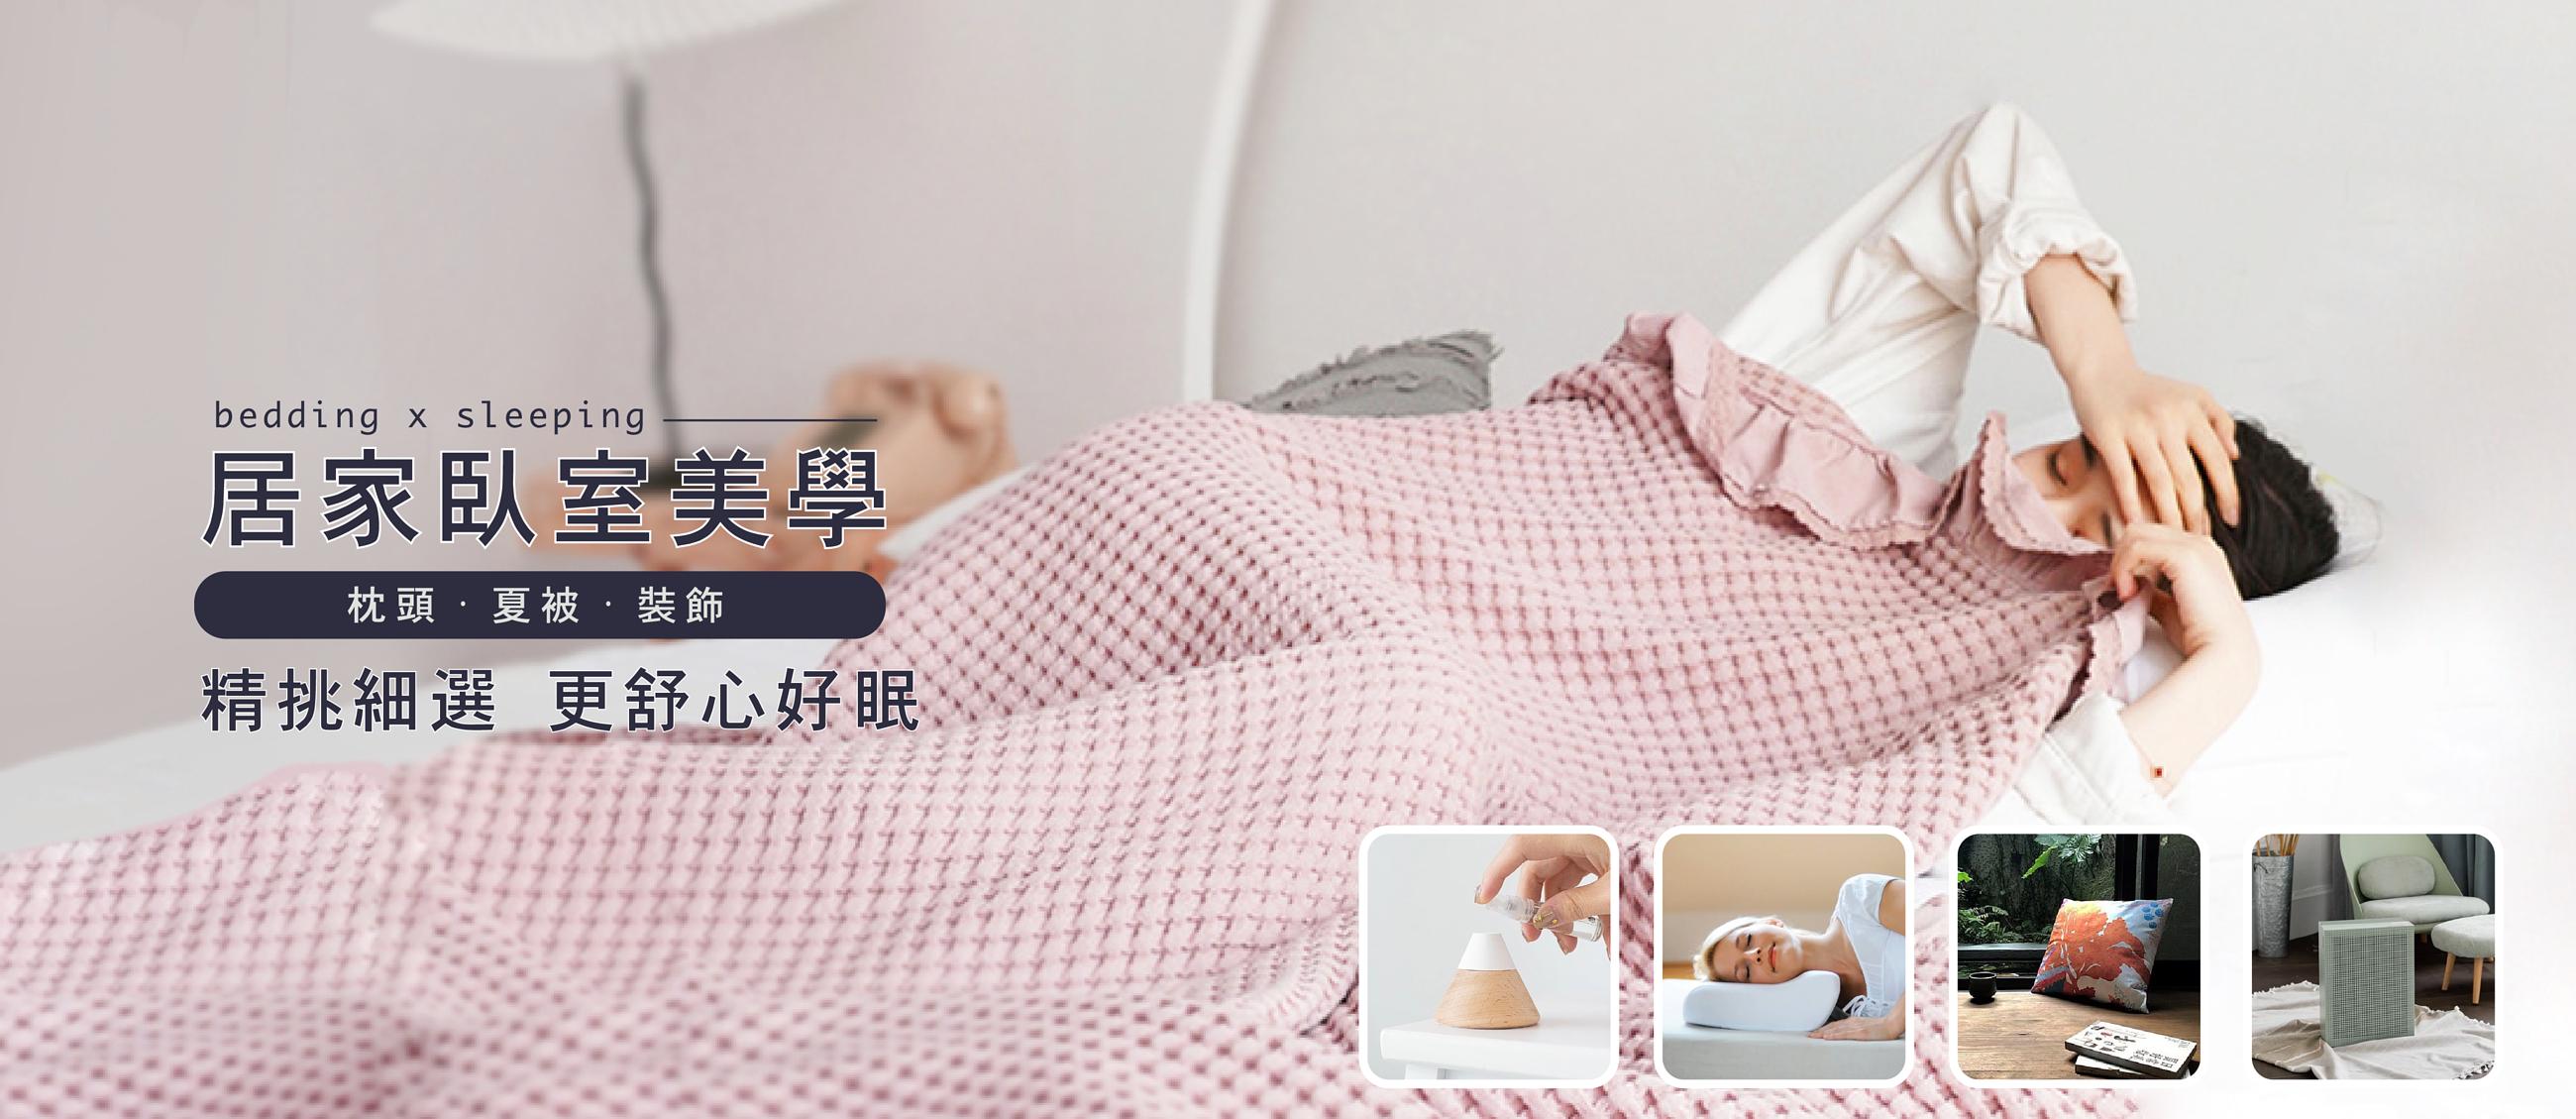 臥室美學 這樣的選品更舒心好眠